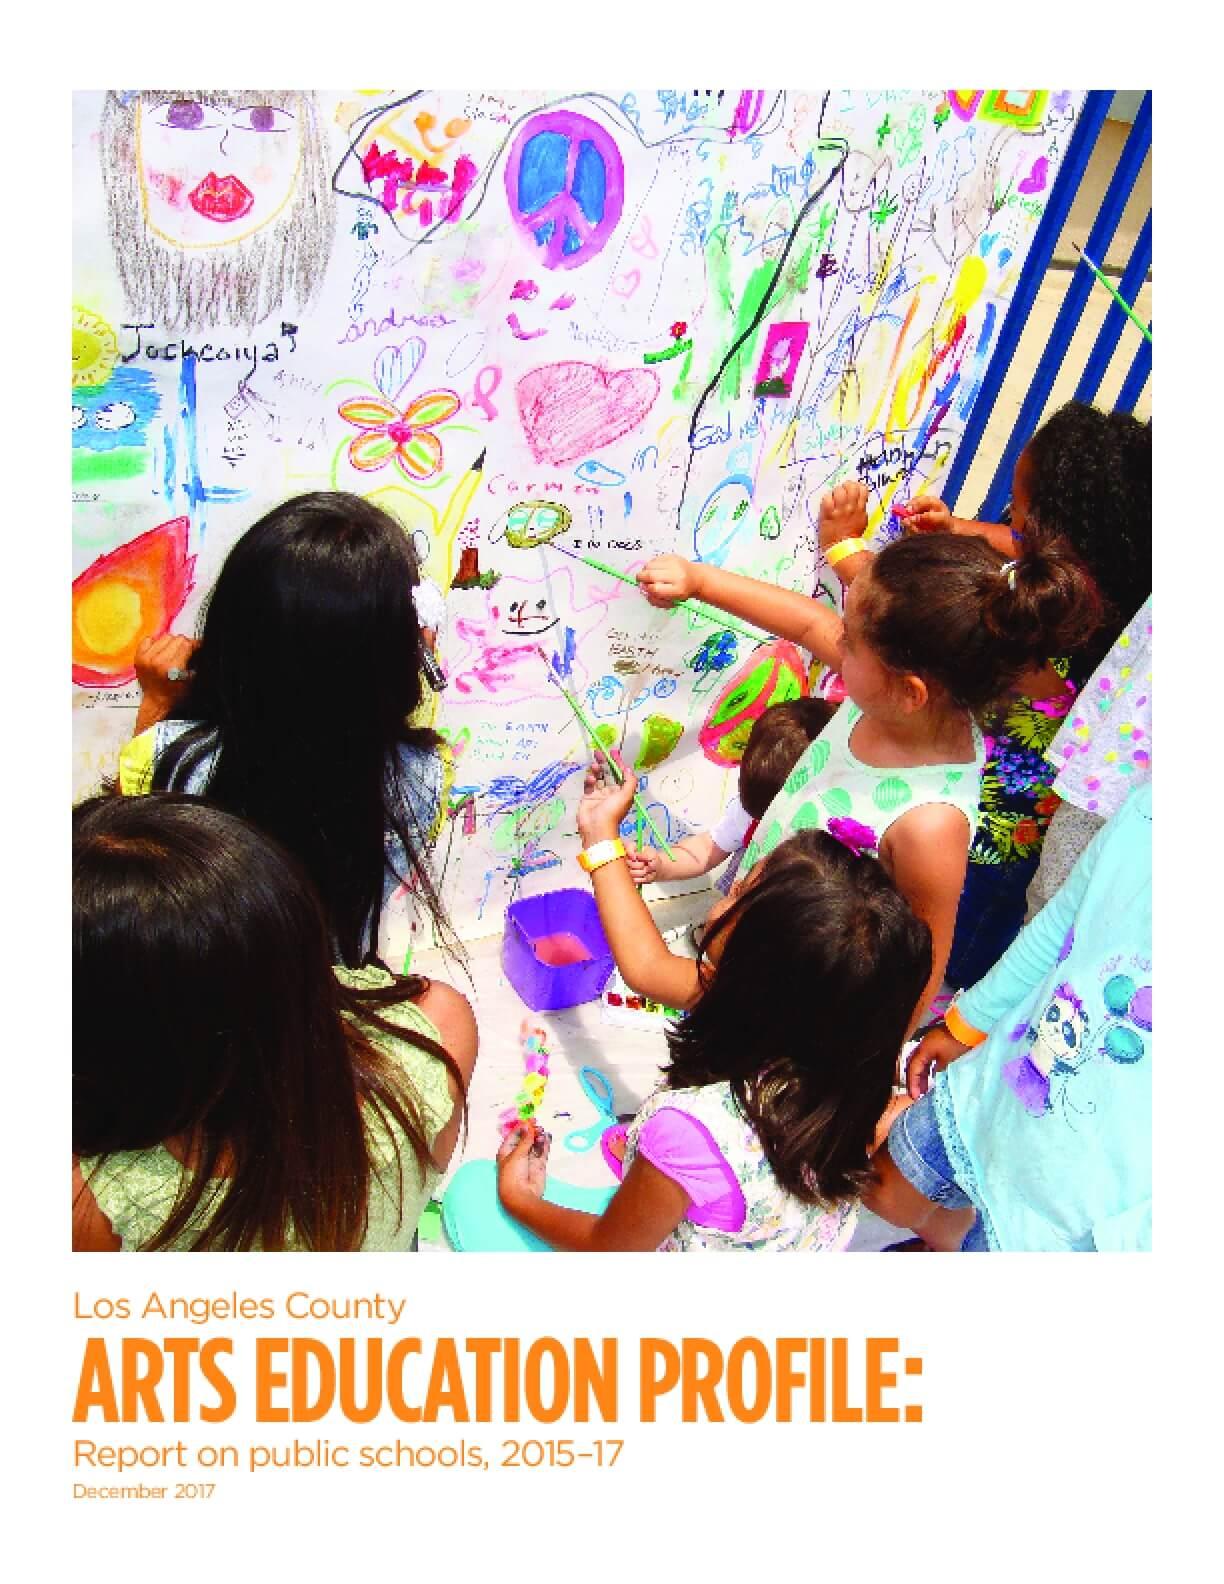 Los Angeles County Arts Education Profile: Report on public schools, 2015-17